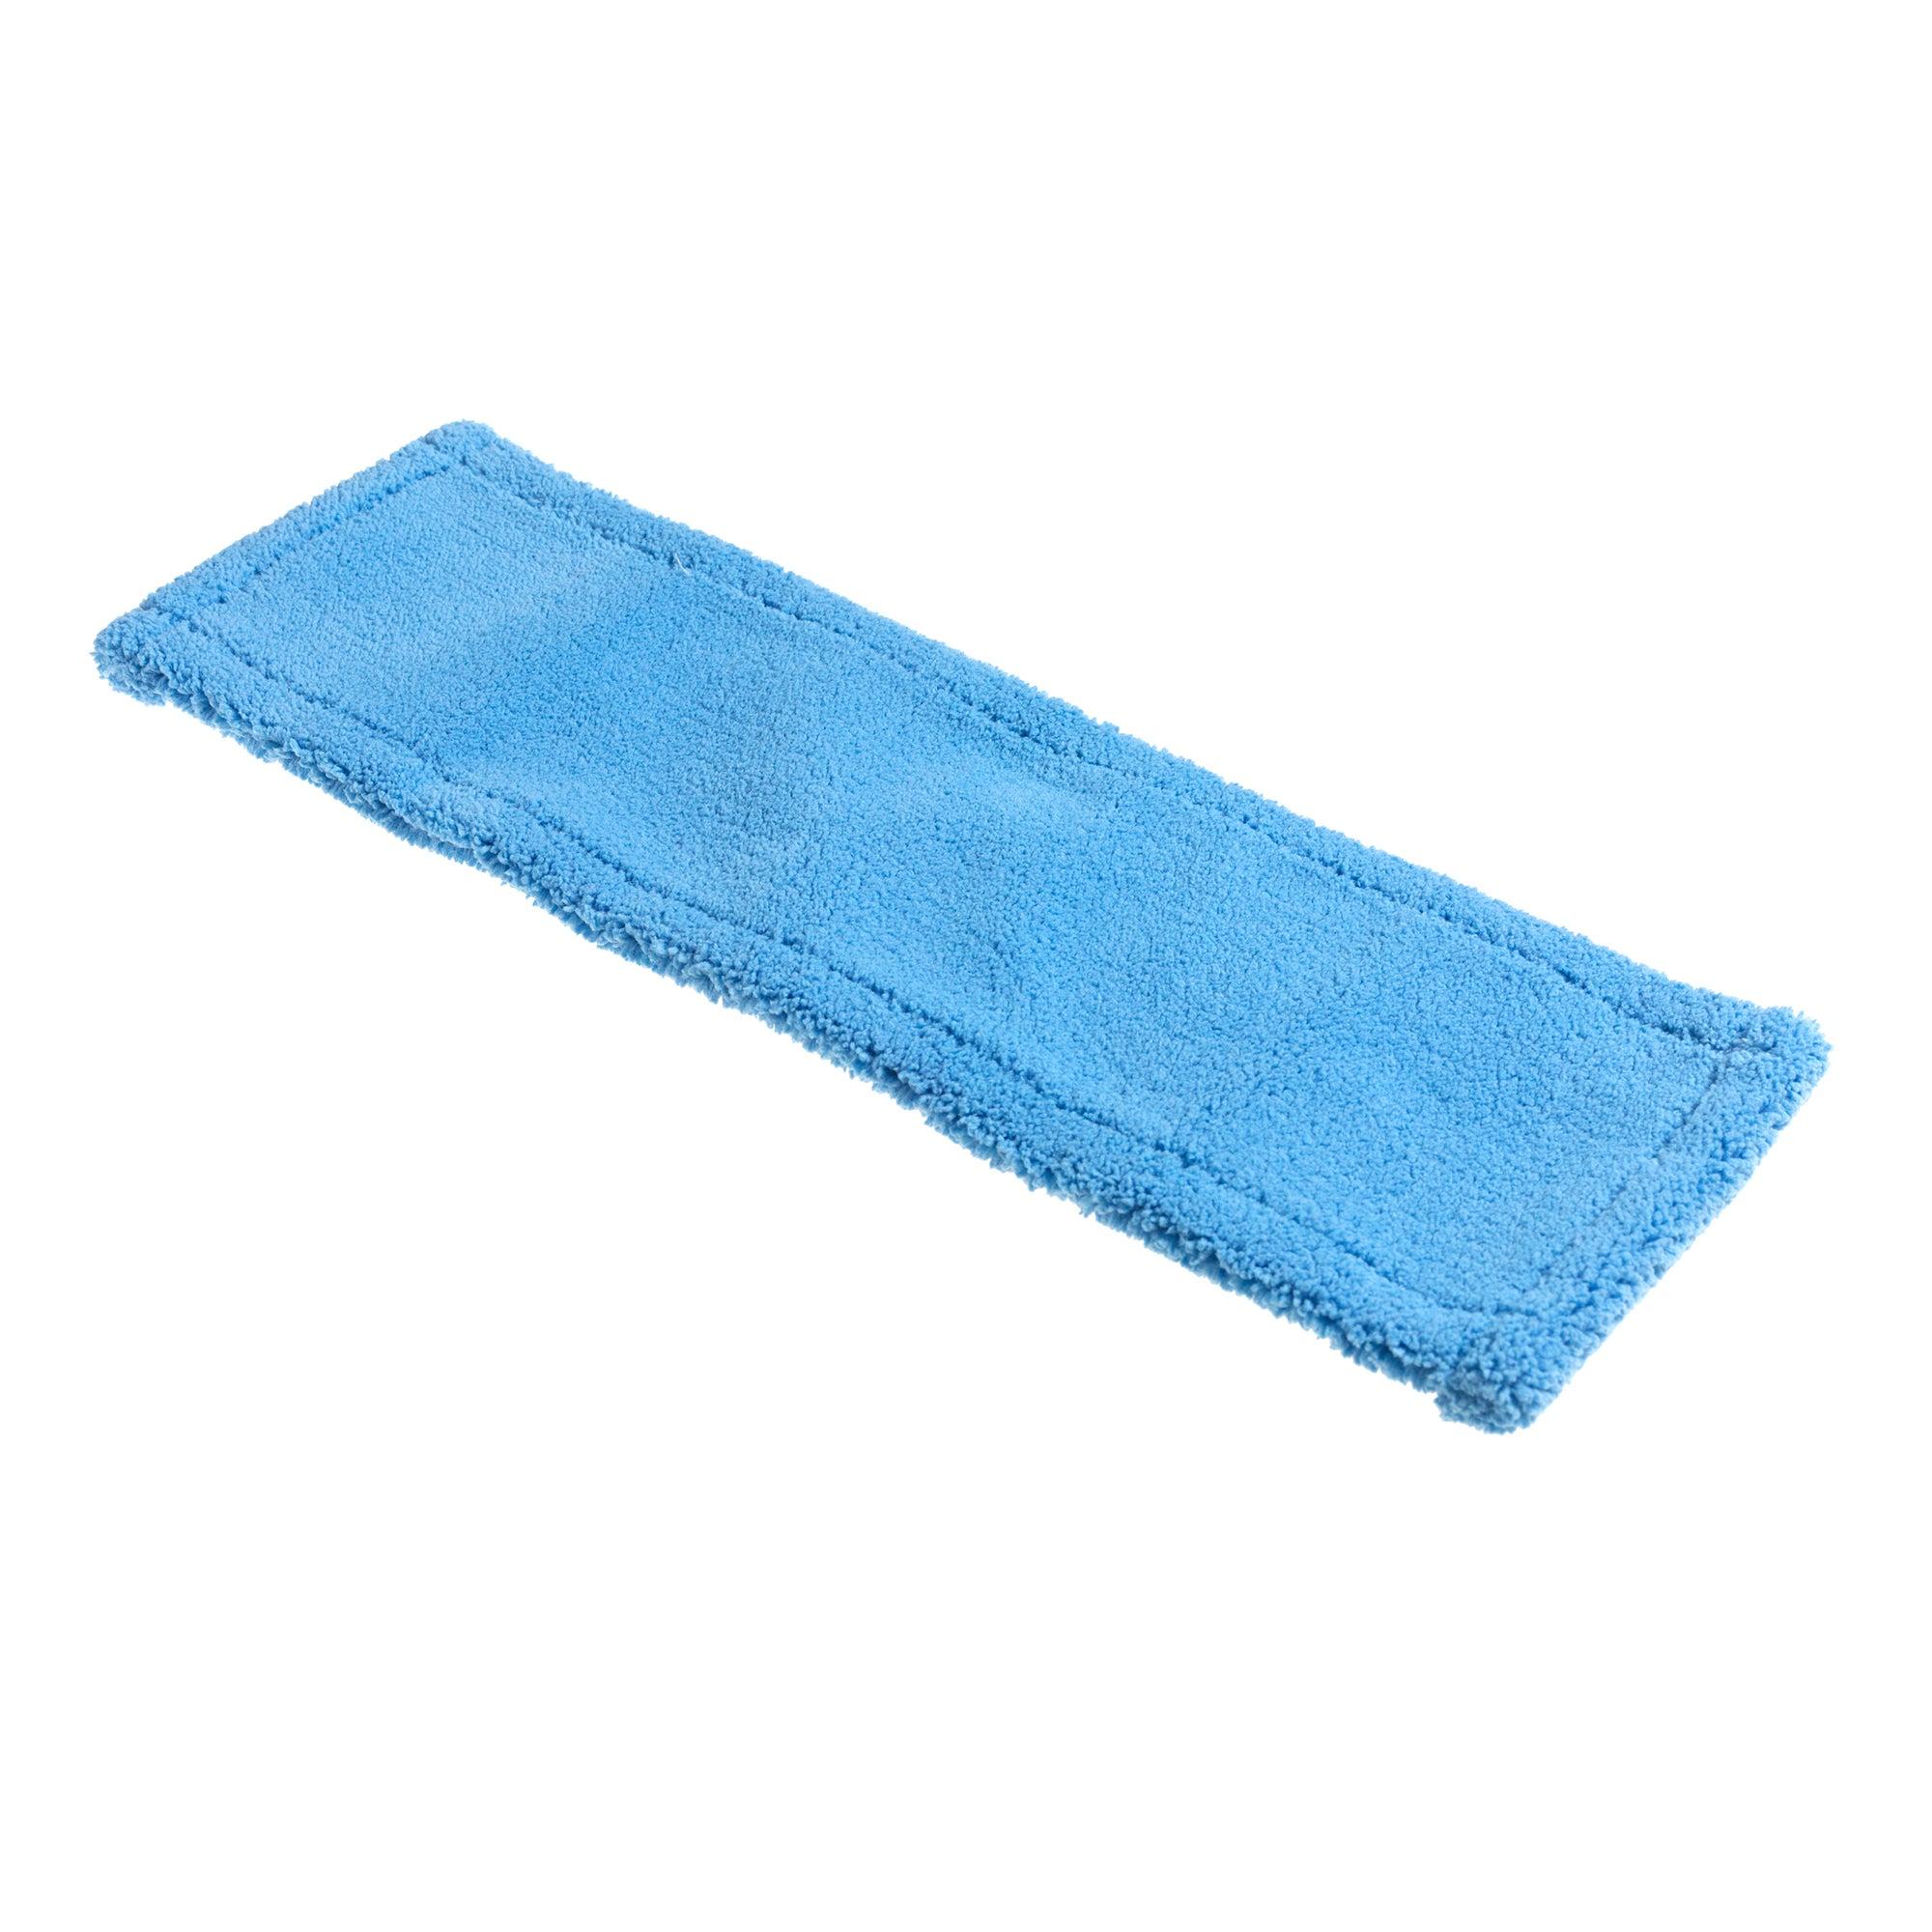 Addis Microfibre Flat Mop Refill